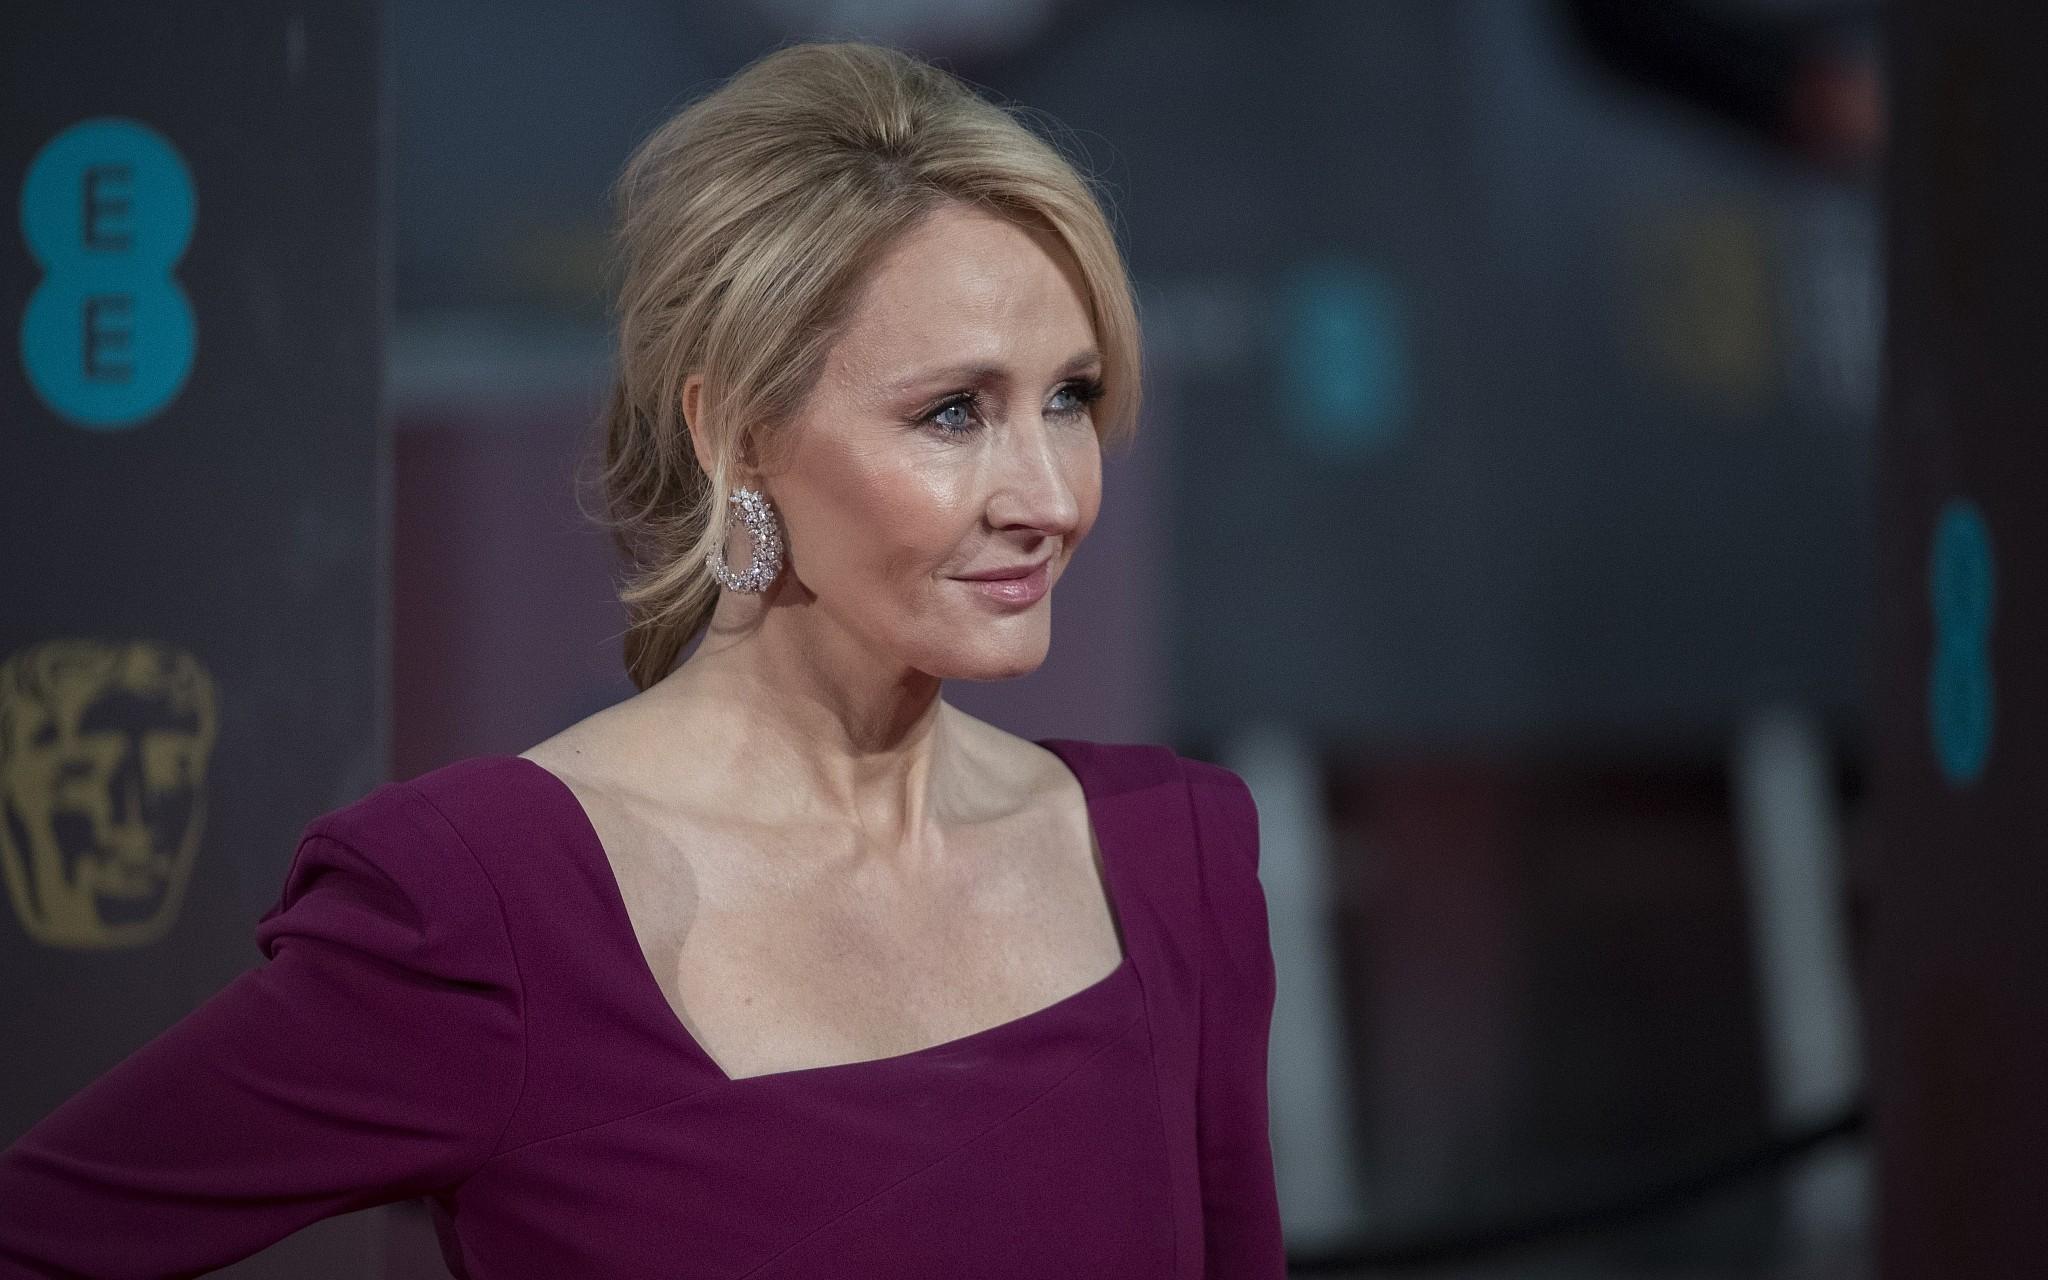 Film Jk Rowling